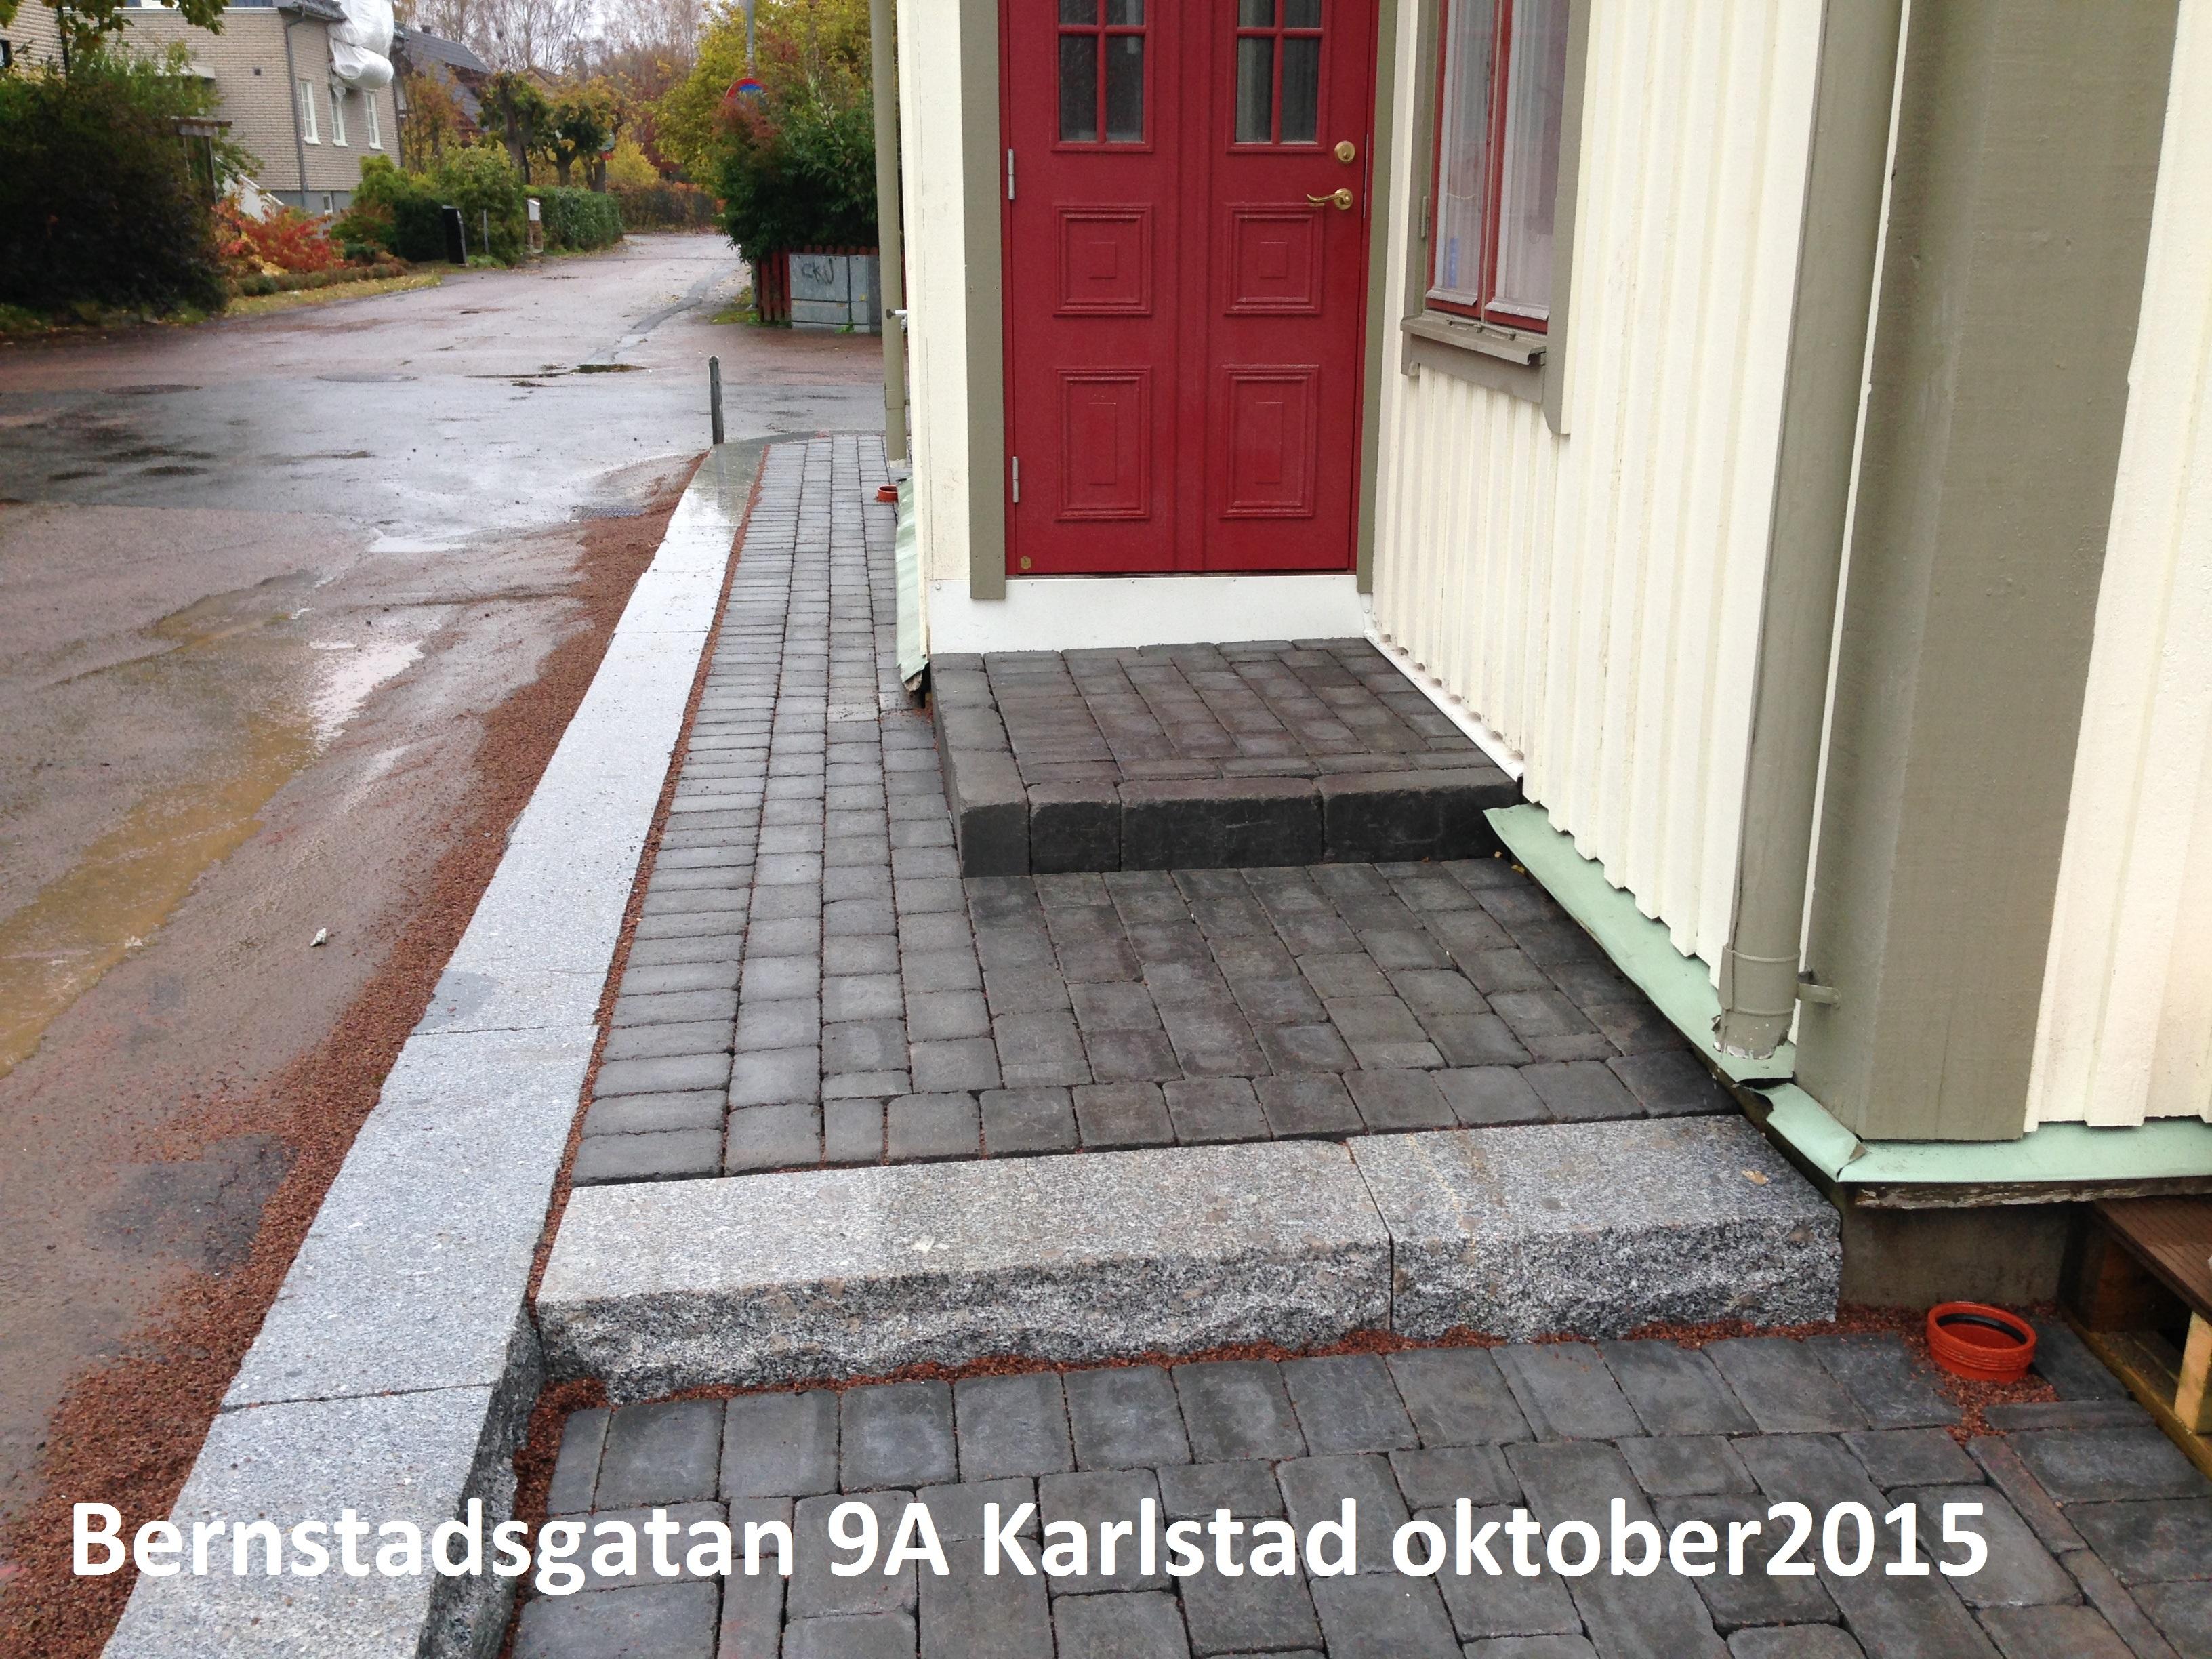 Bernstadsgatan 9A karlstad oktober2015 (12)